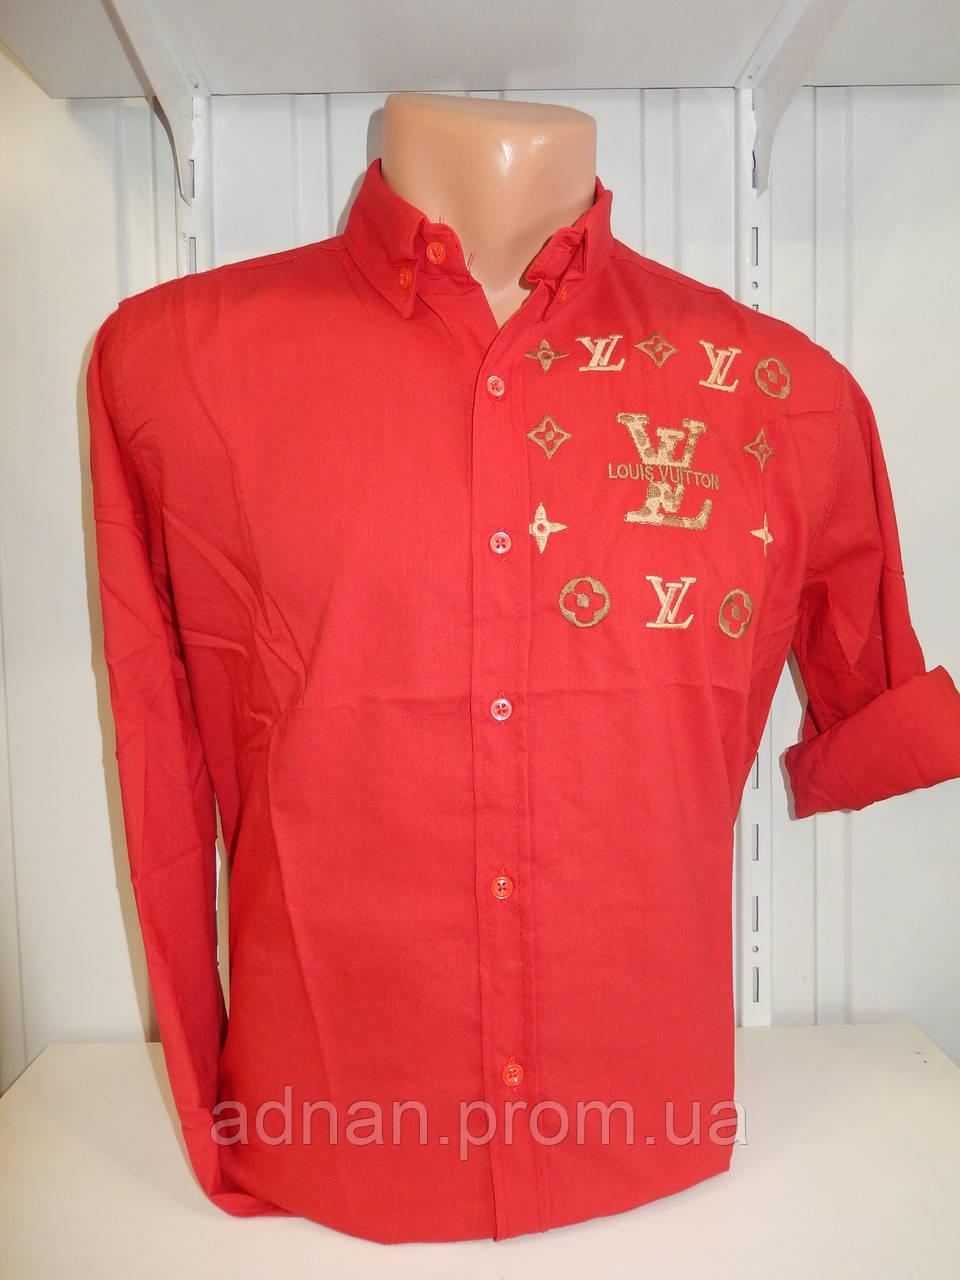 Рубашка мужская, рукав трансформер, узор, стрейч 004\ купить рубашку